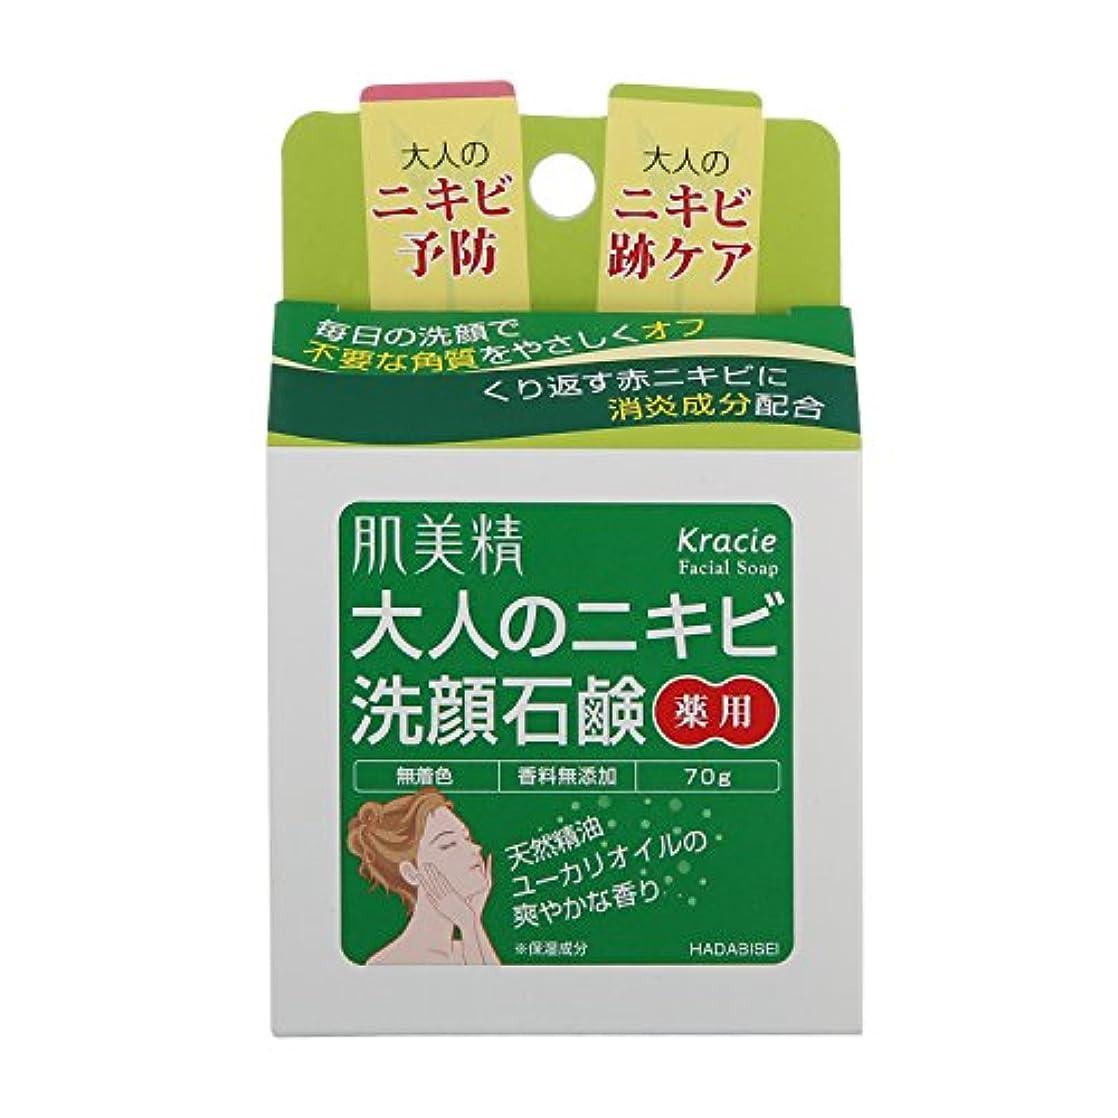 肌美精 大人のニキビ 薬用洗顔石鹸 70g  [医薬部外品]